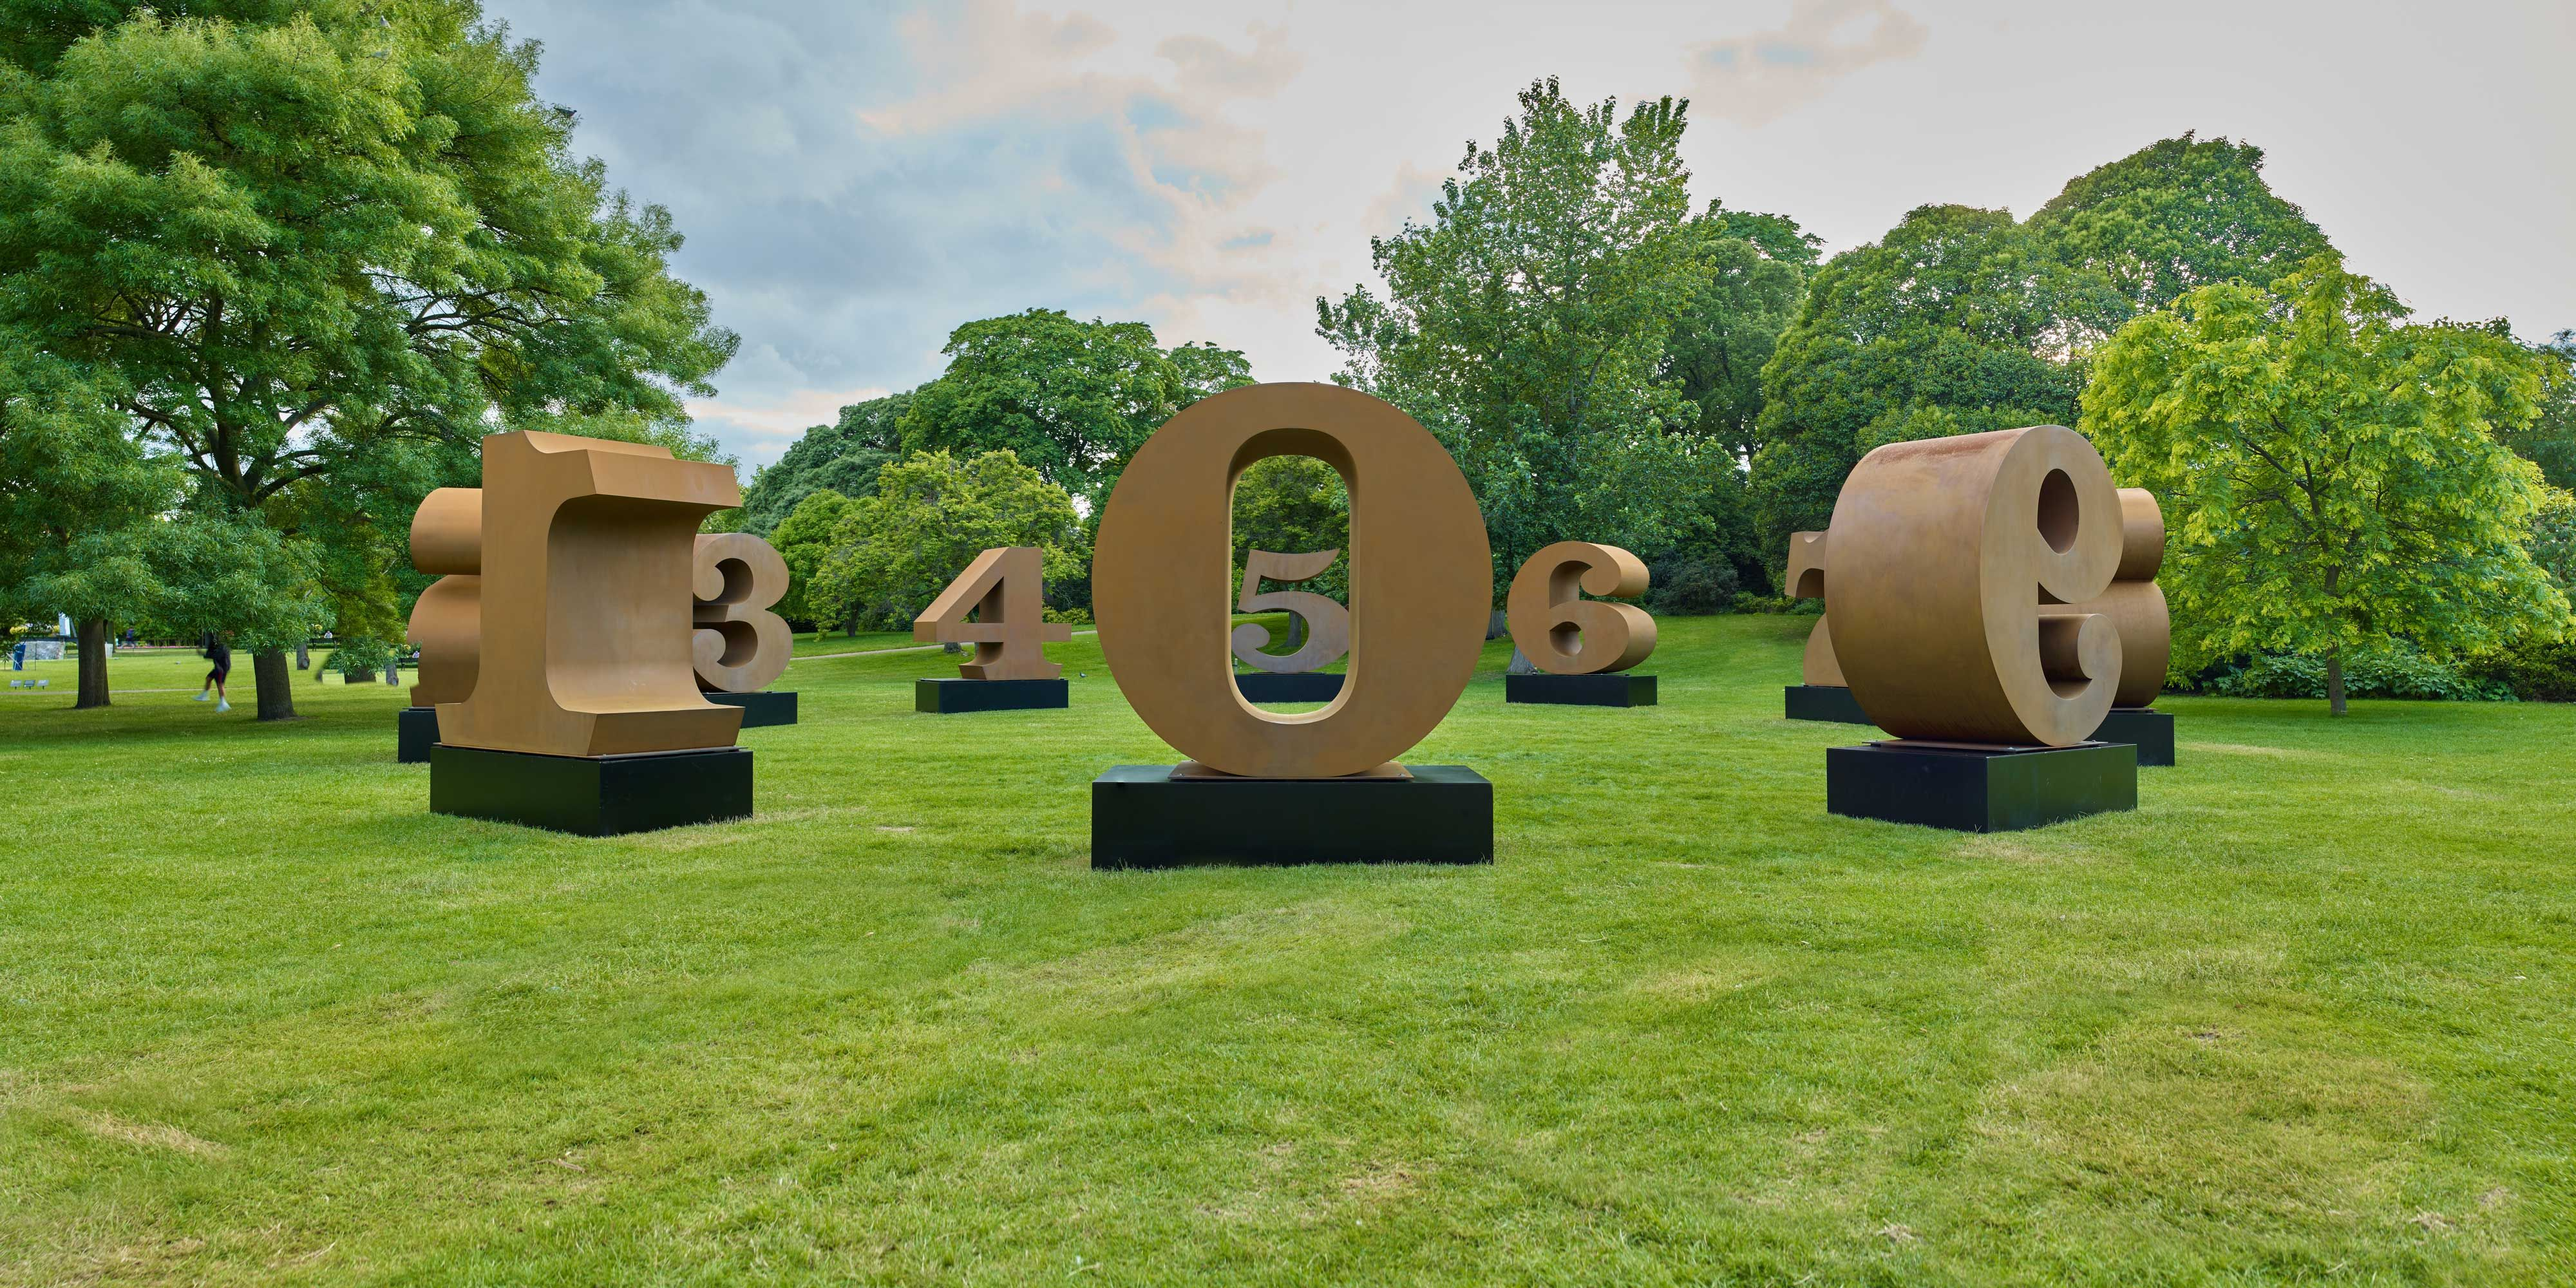 Frieze Sculpture opens in Regent's Park